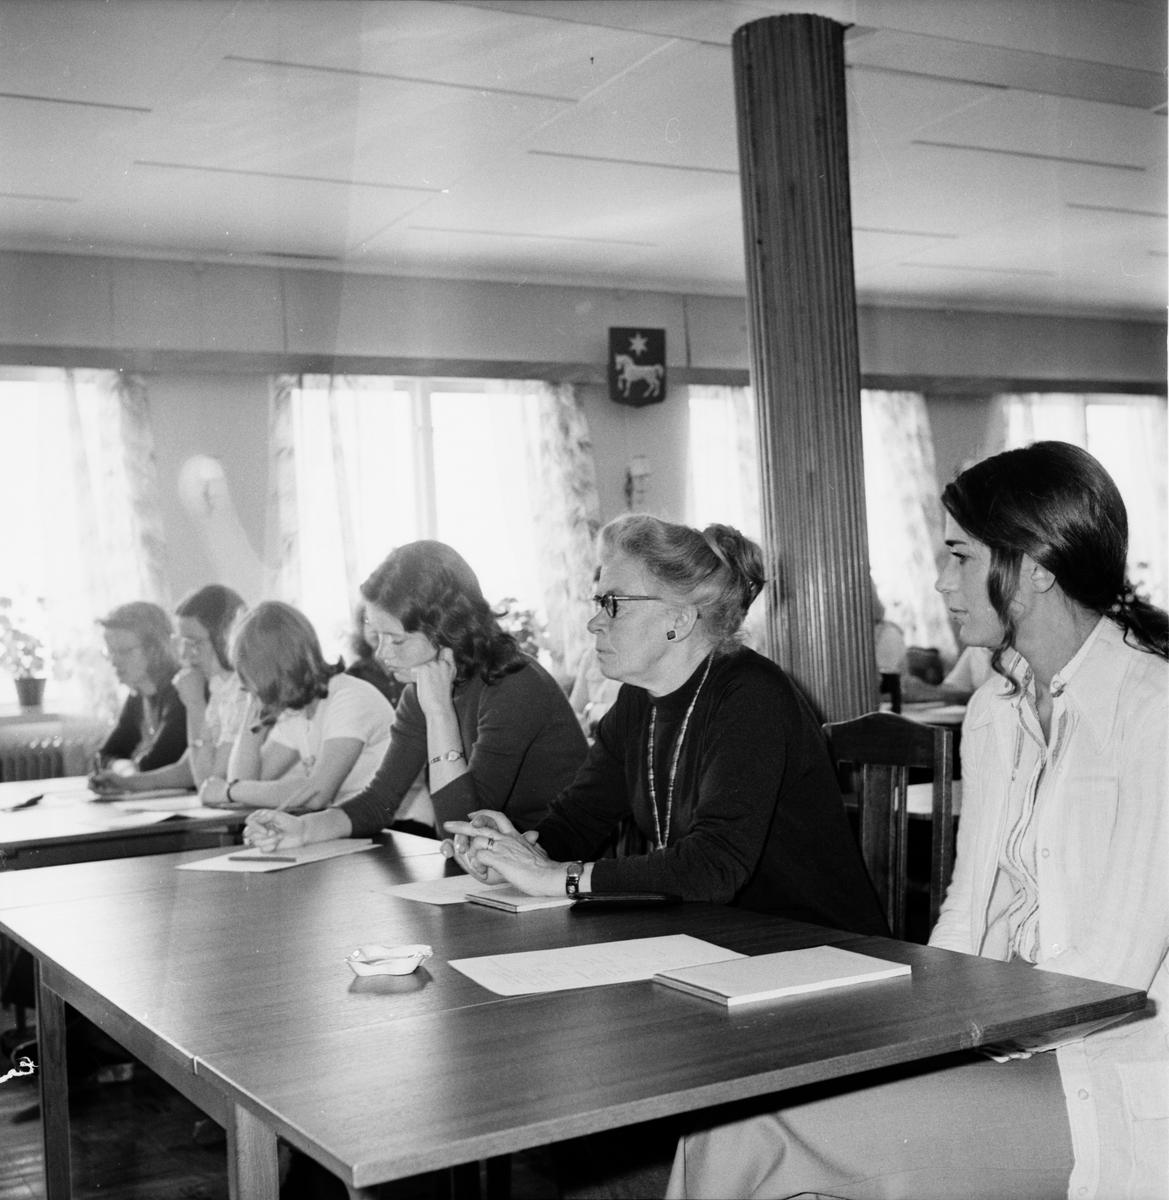 Hembygdsforbundets årsmöte i Valbo Juni 1972